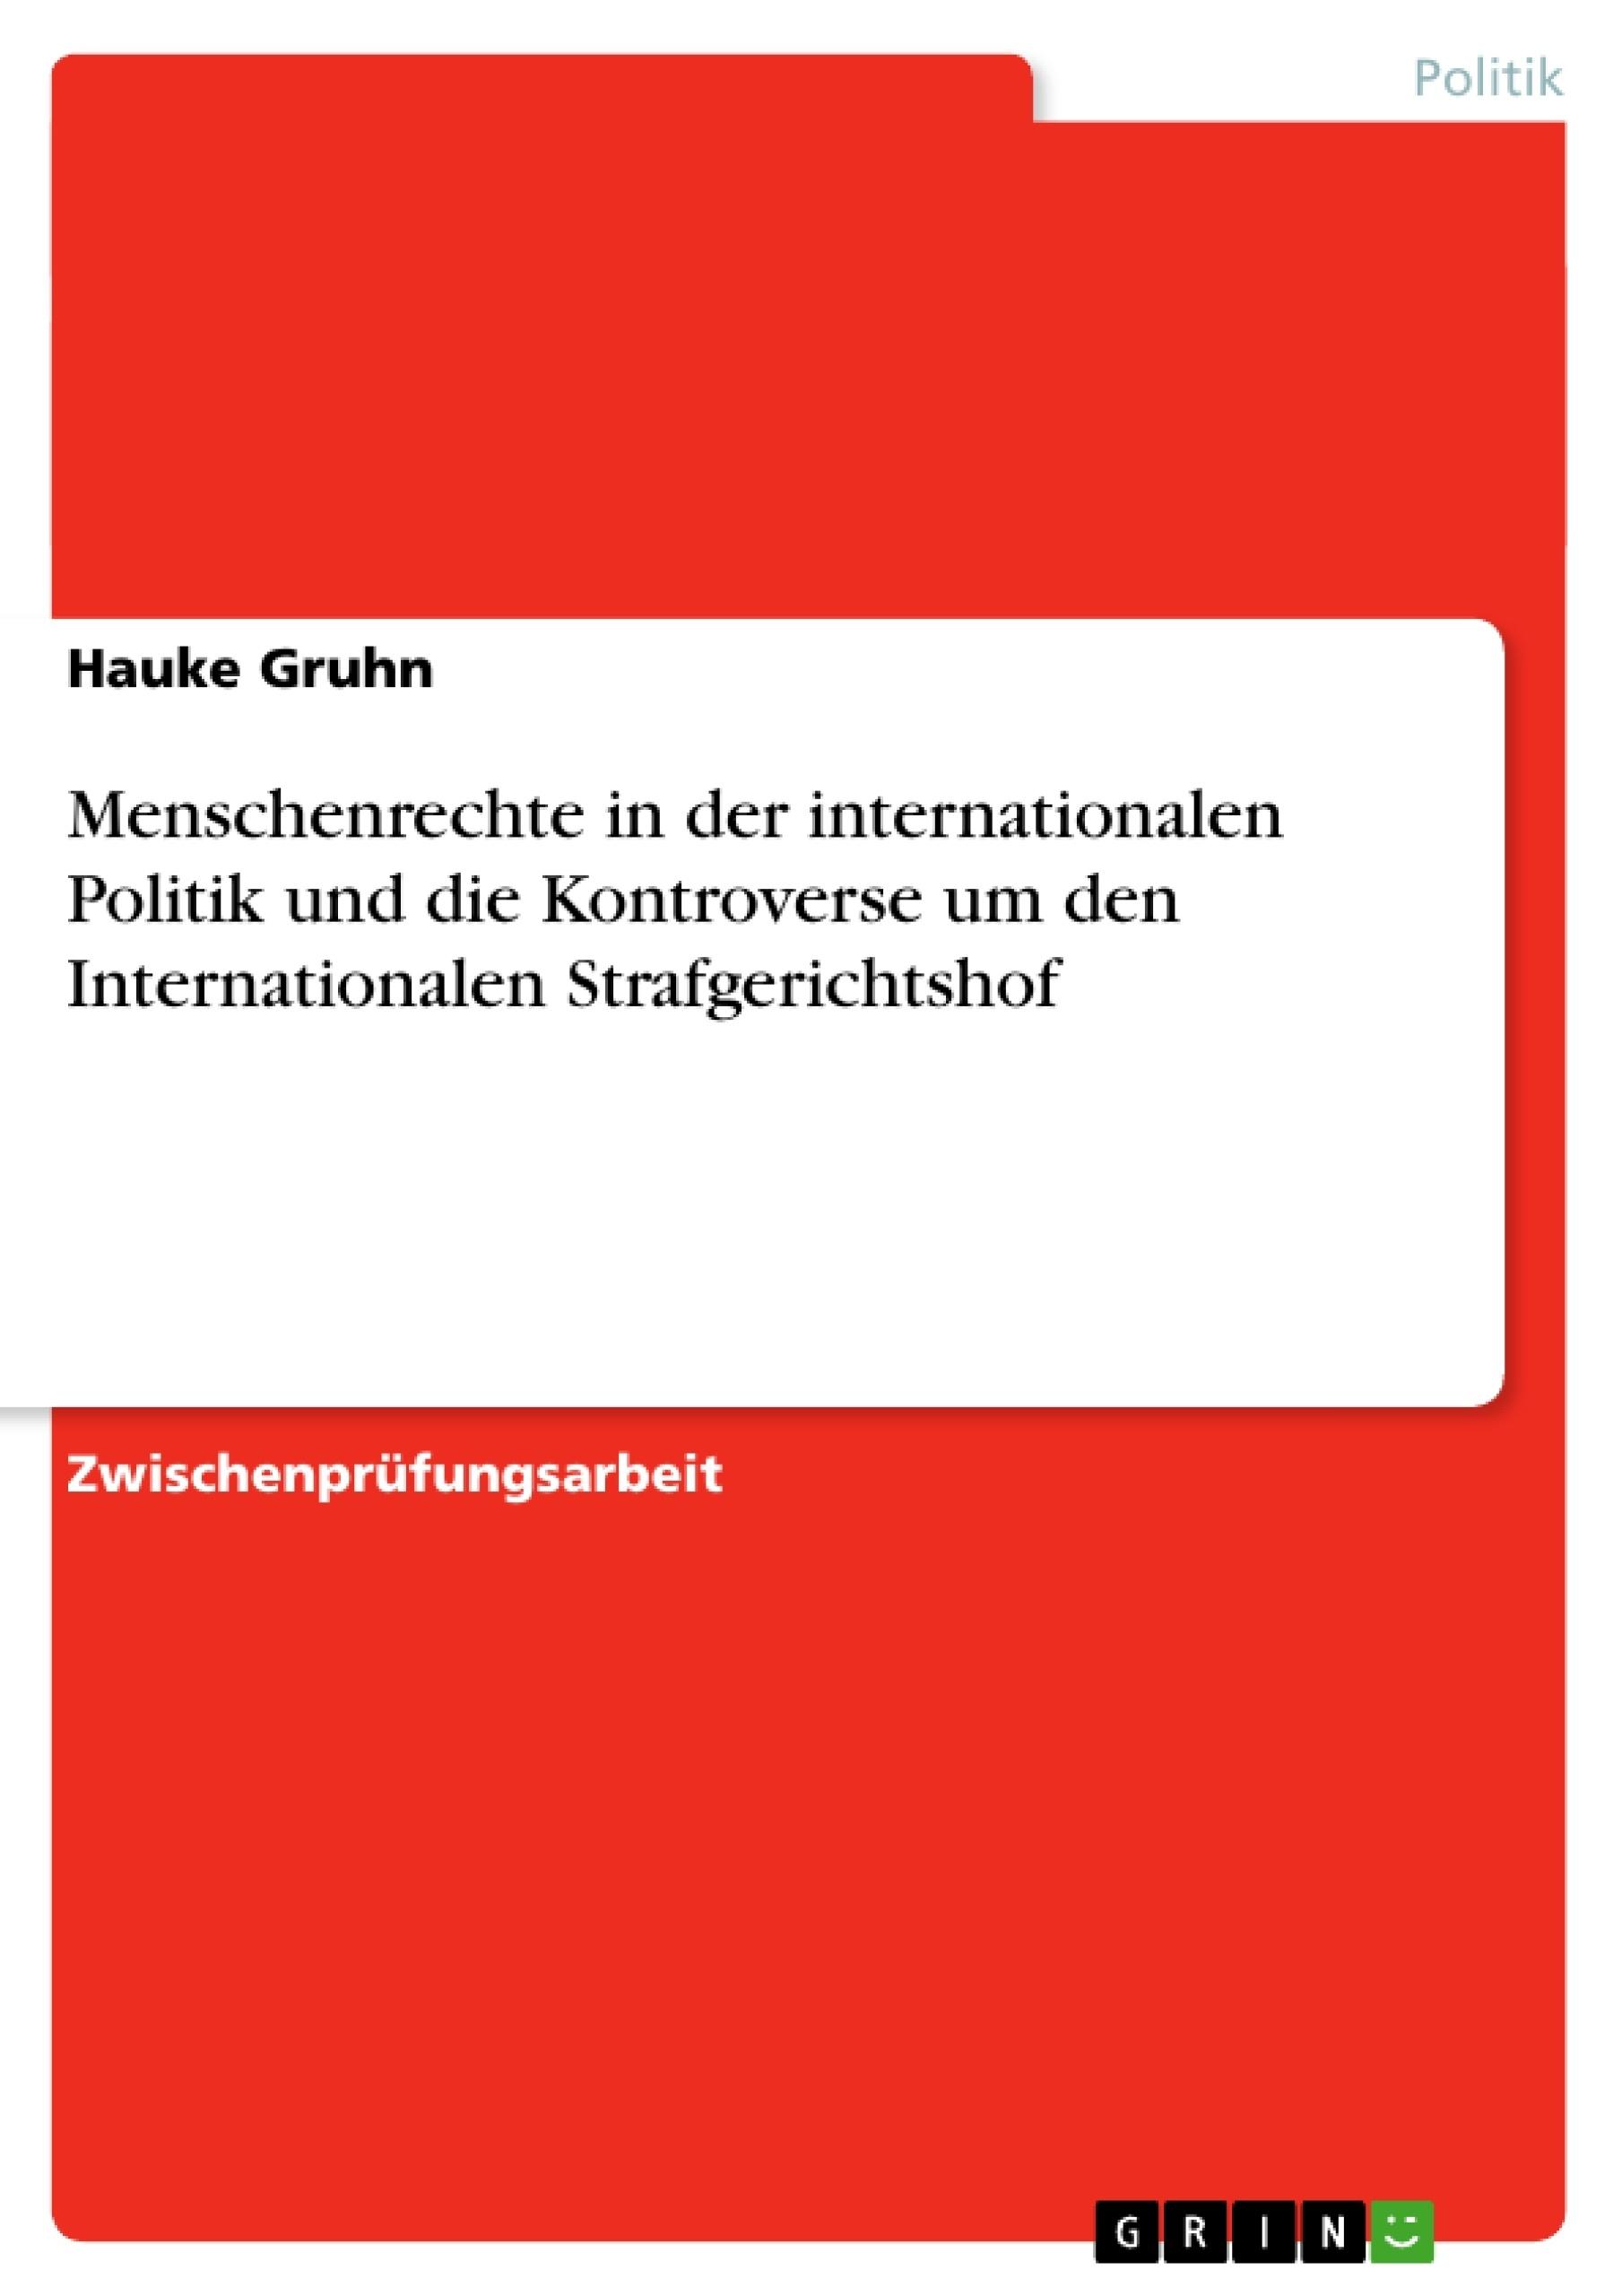 Titel: Menschenrechte in der internationalen Politik und die Kontroverse um den Internationalen Strafgerichtshof